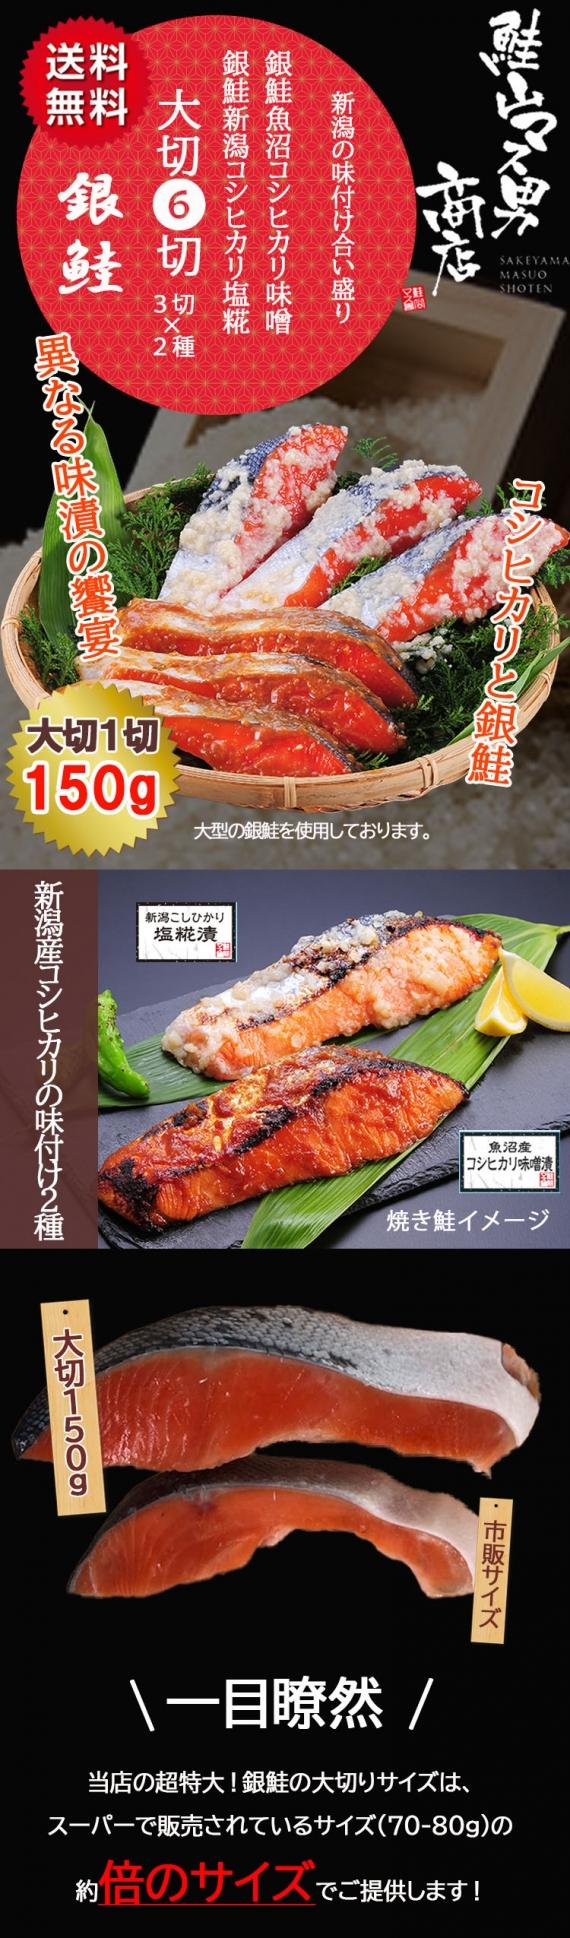 大切り銀鮭の新潟産コシヒカリ2味6切【送料無料】